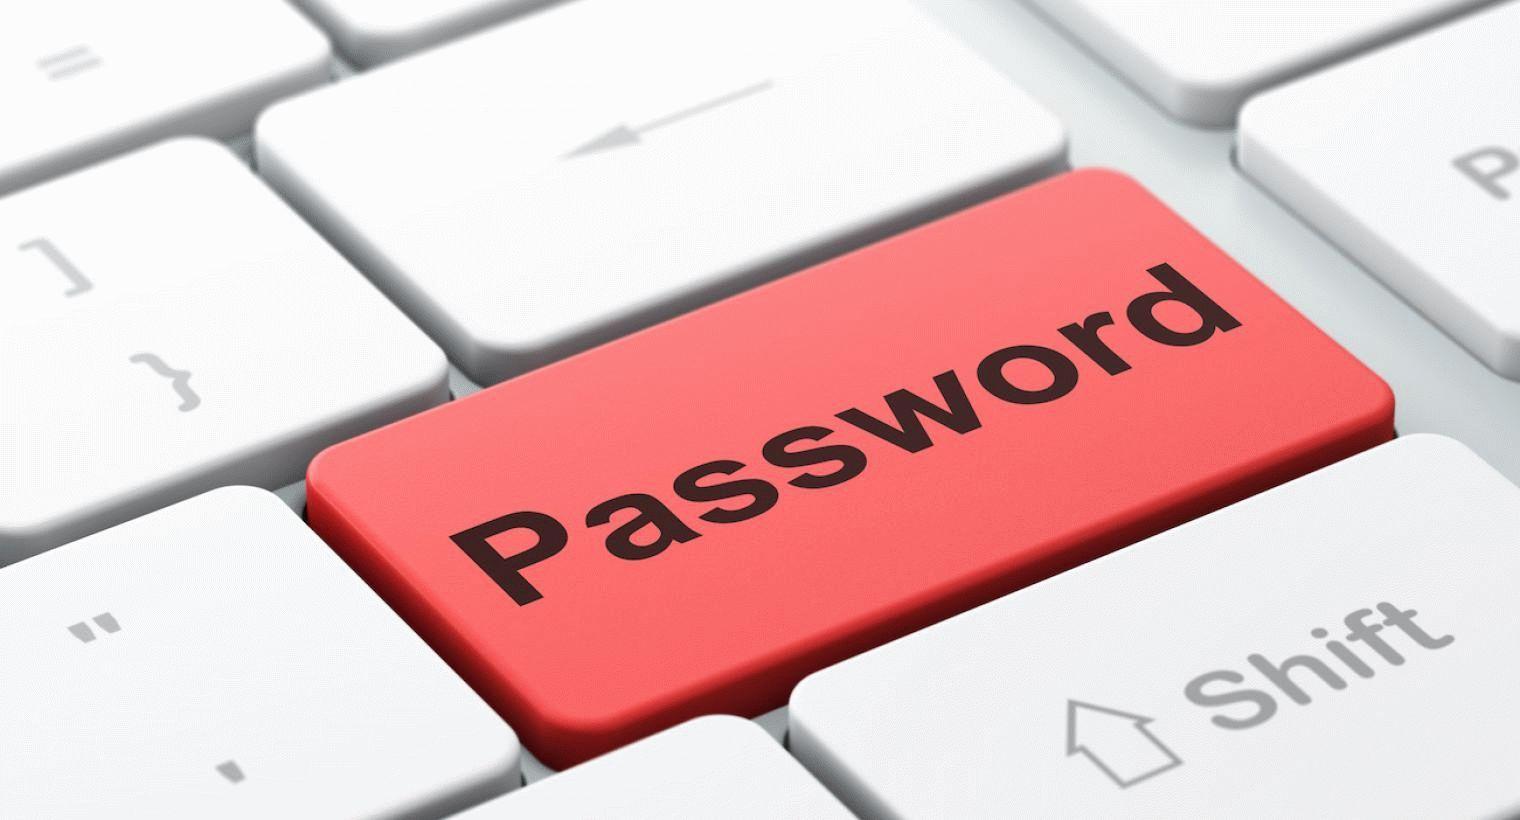 Забули пароль? Прості поради, як пригадати